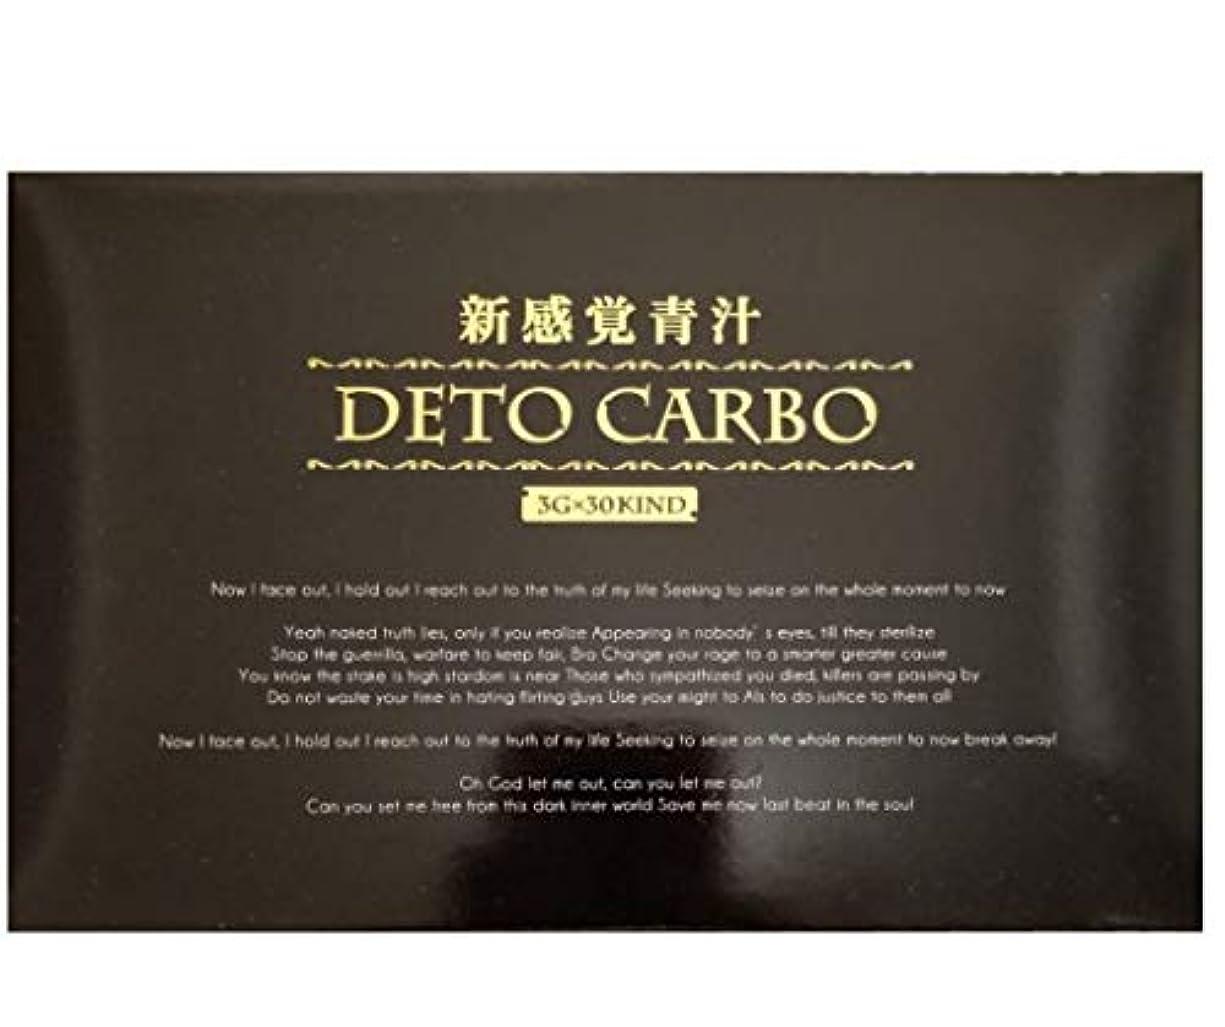 速記シルエットアフリカ人DETO CARBO(デトカルボ)